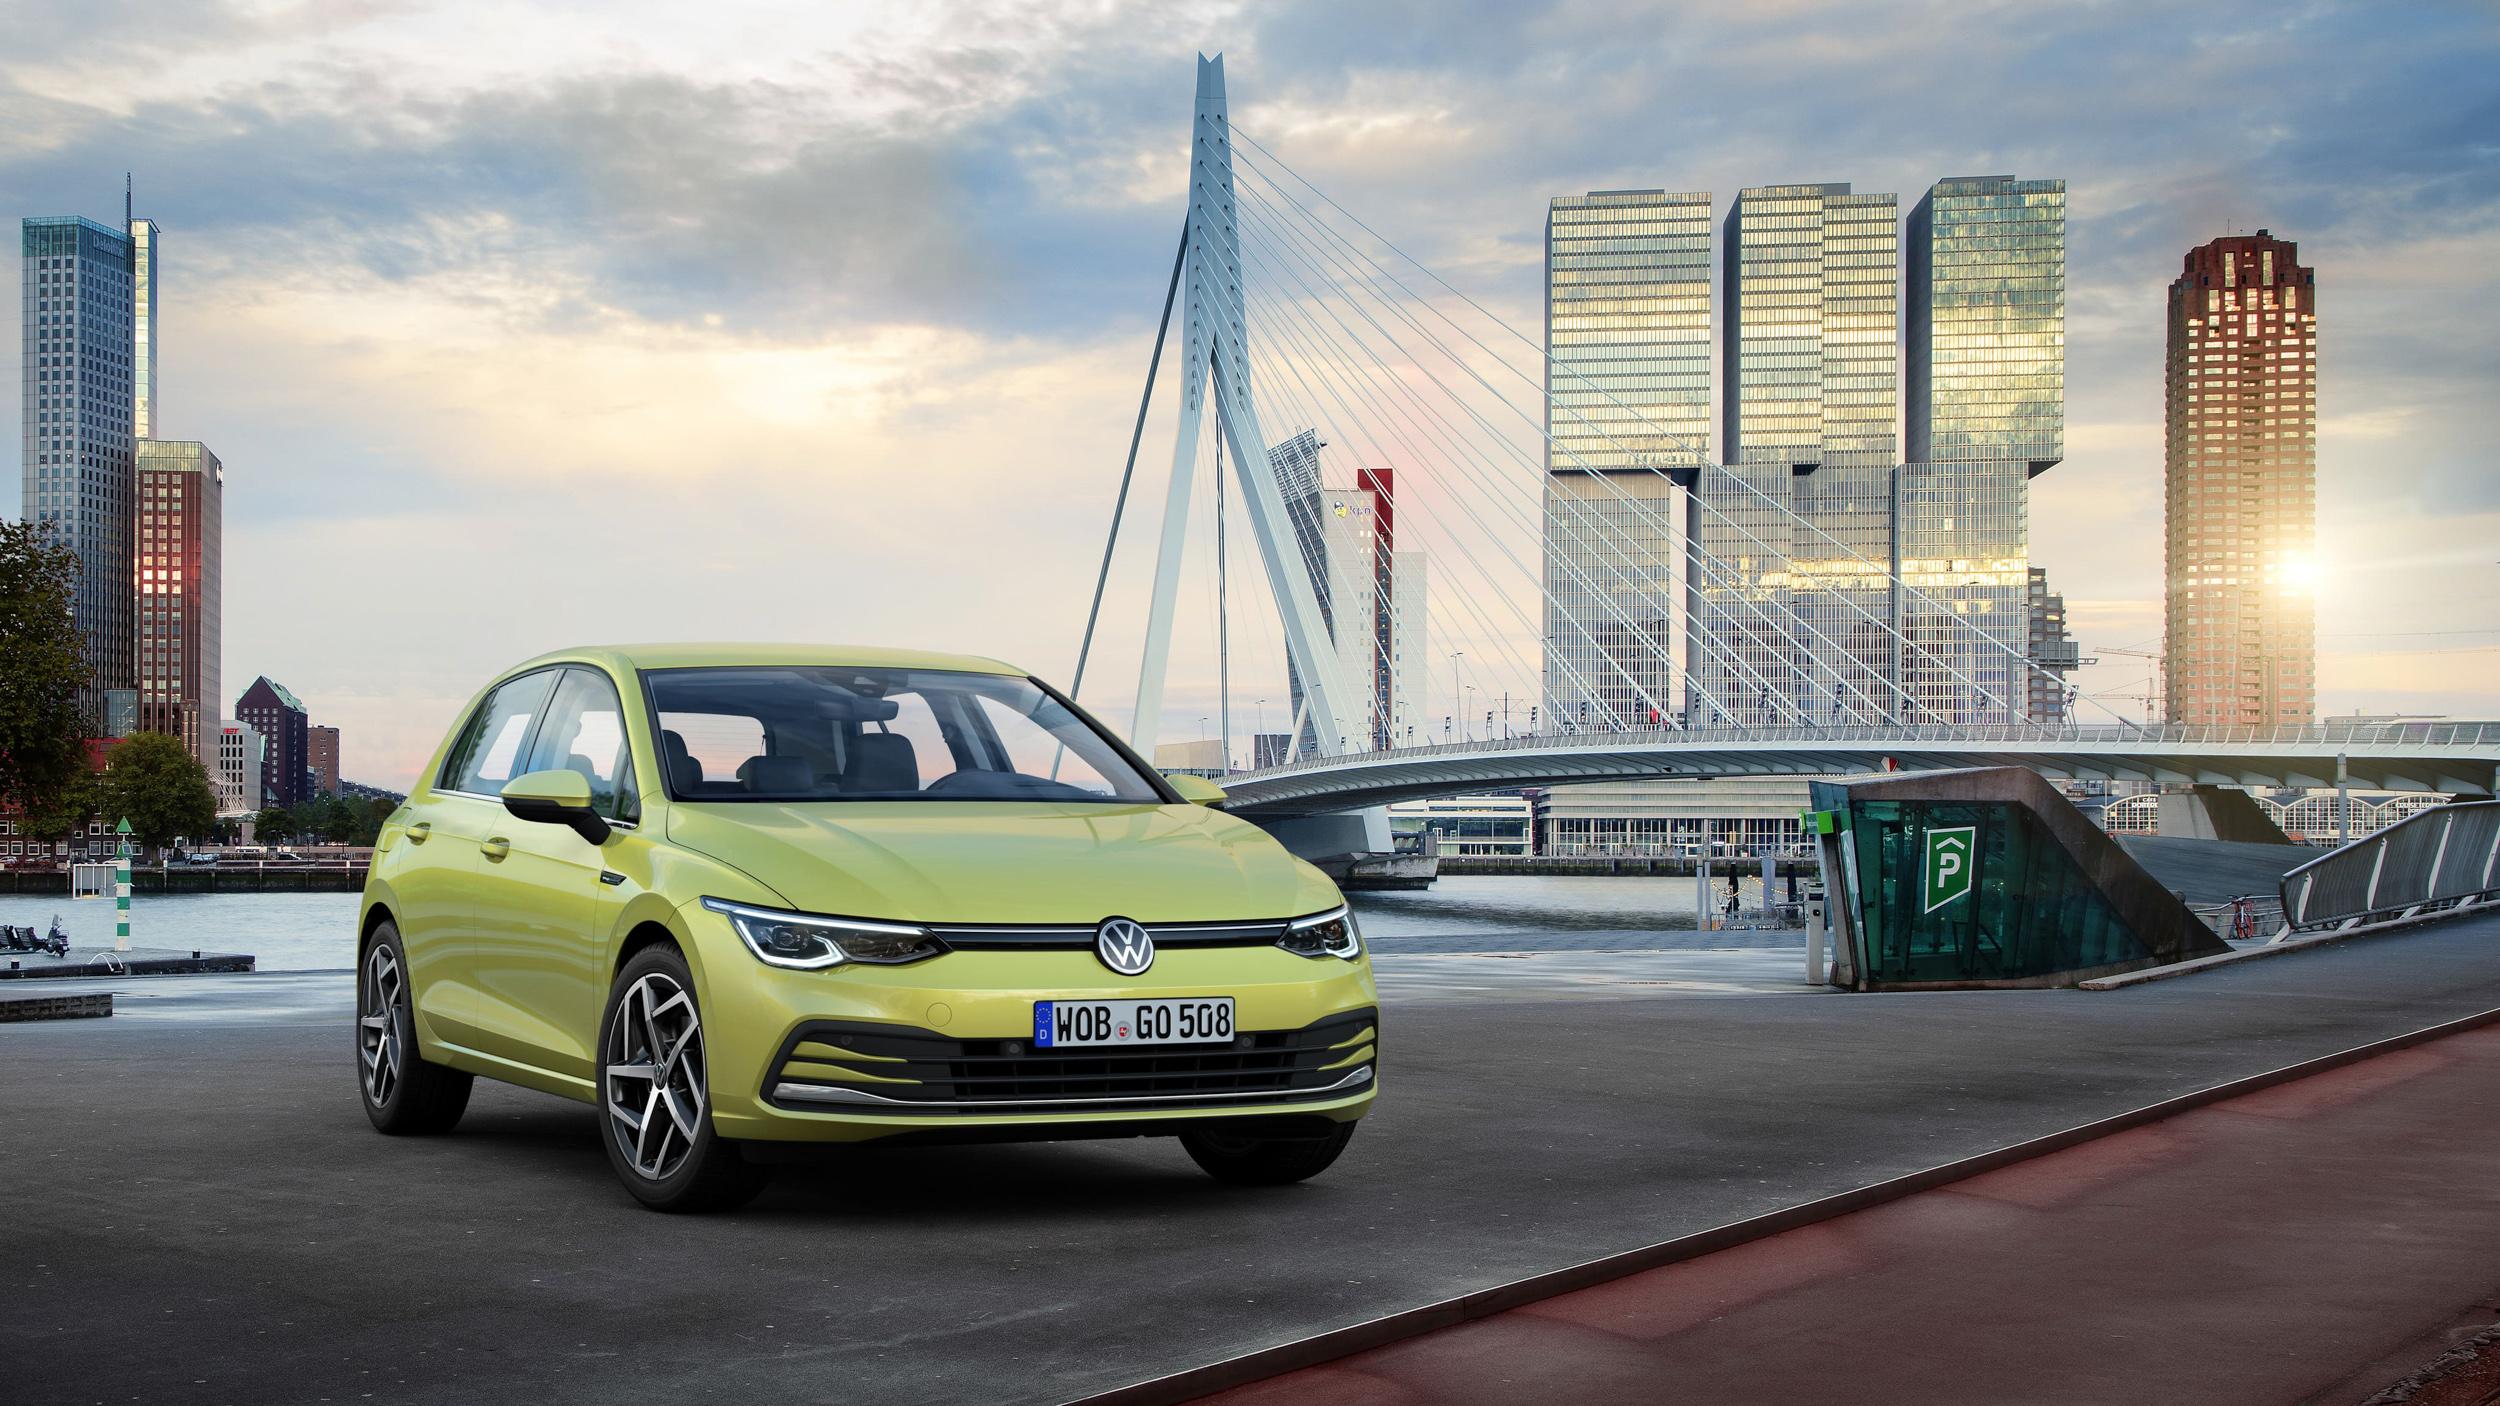 VW 全新 8 代 Golf 94.8 萬開賣!Variant 121.8 萬、GTI 159.8 萬同步上市